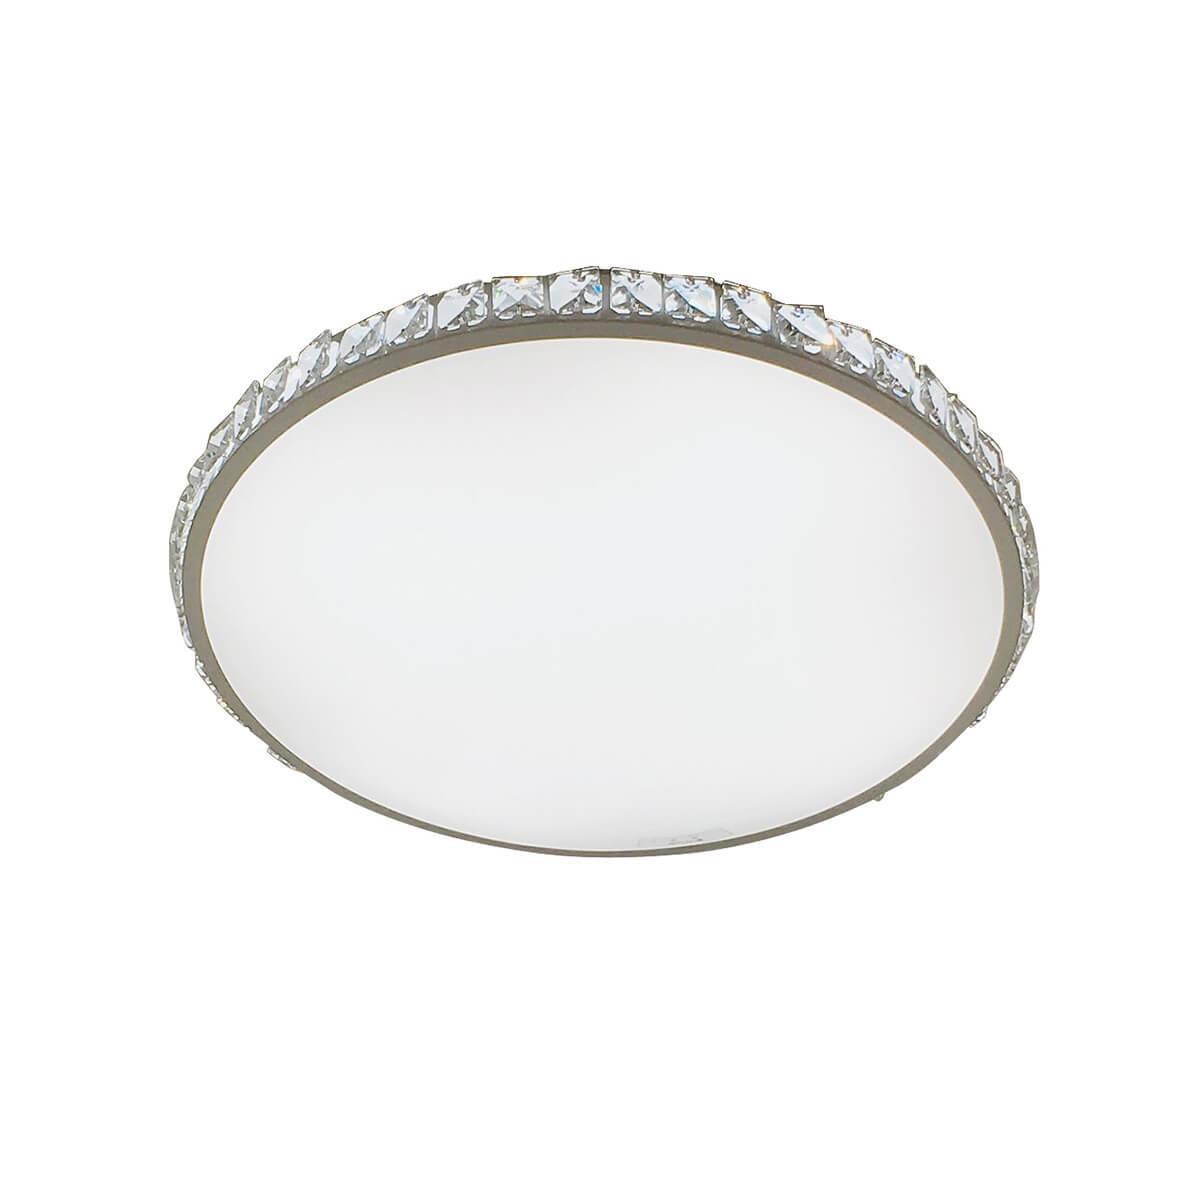 купить Потолочный светильник Omnilux OML-45407-60, белый по цене 10310 рублей